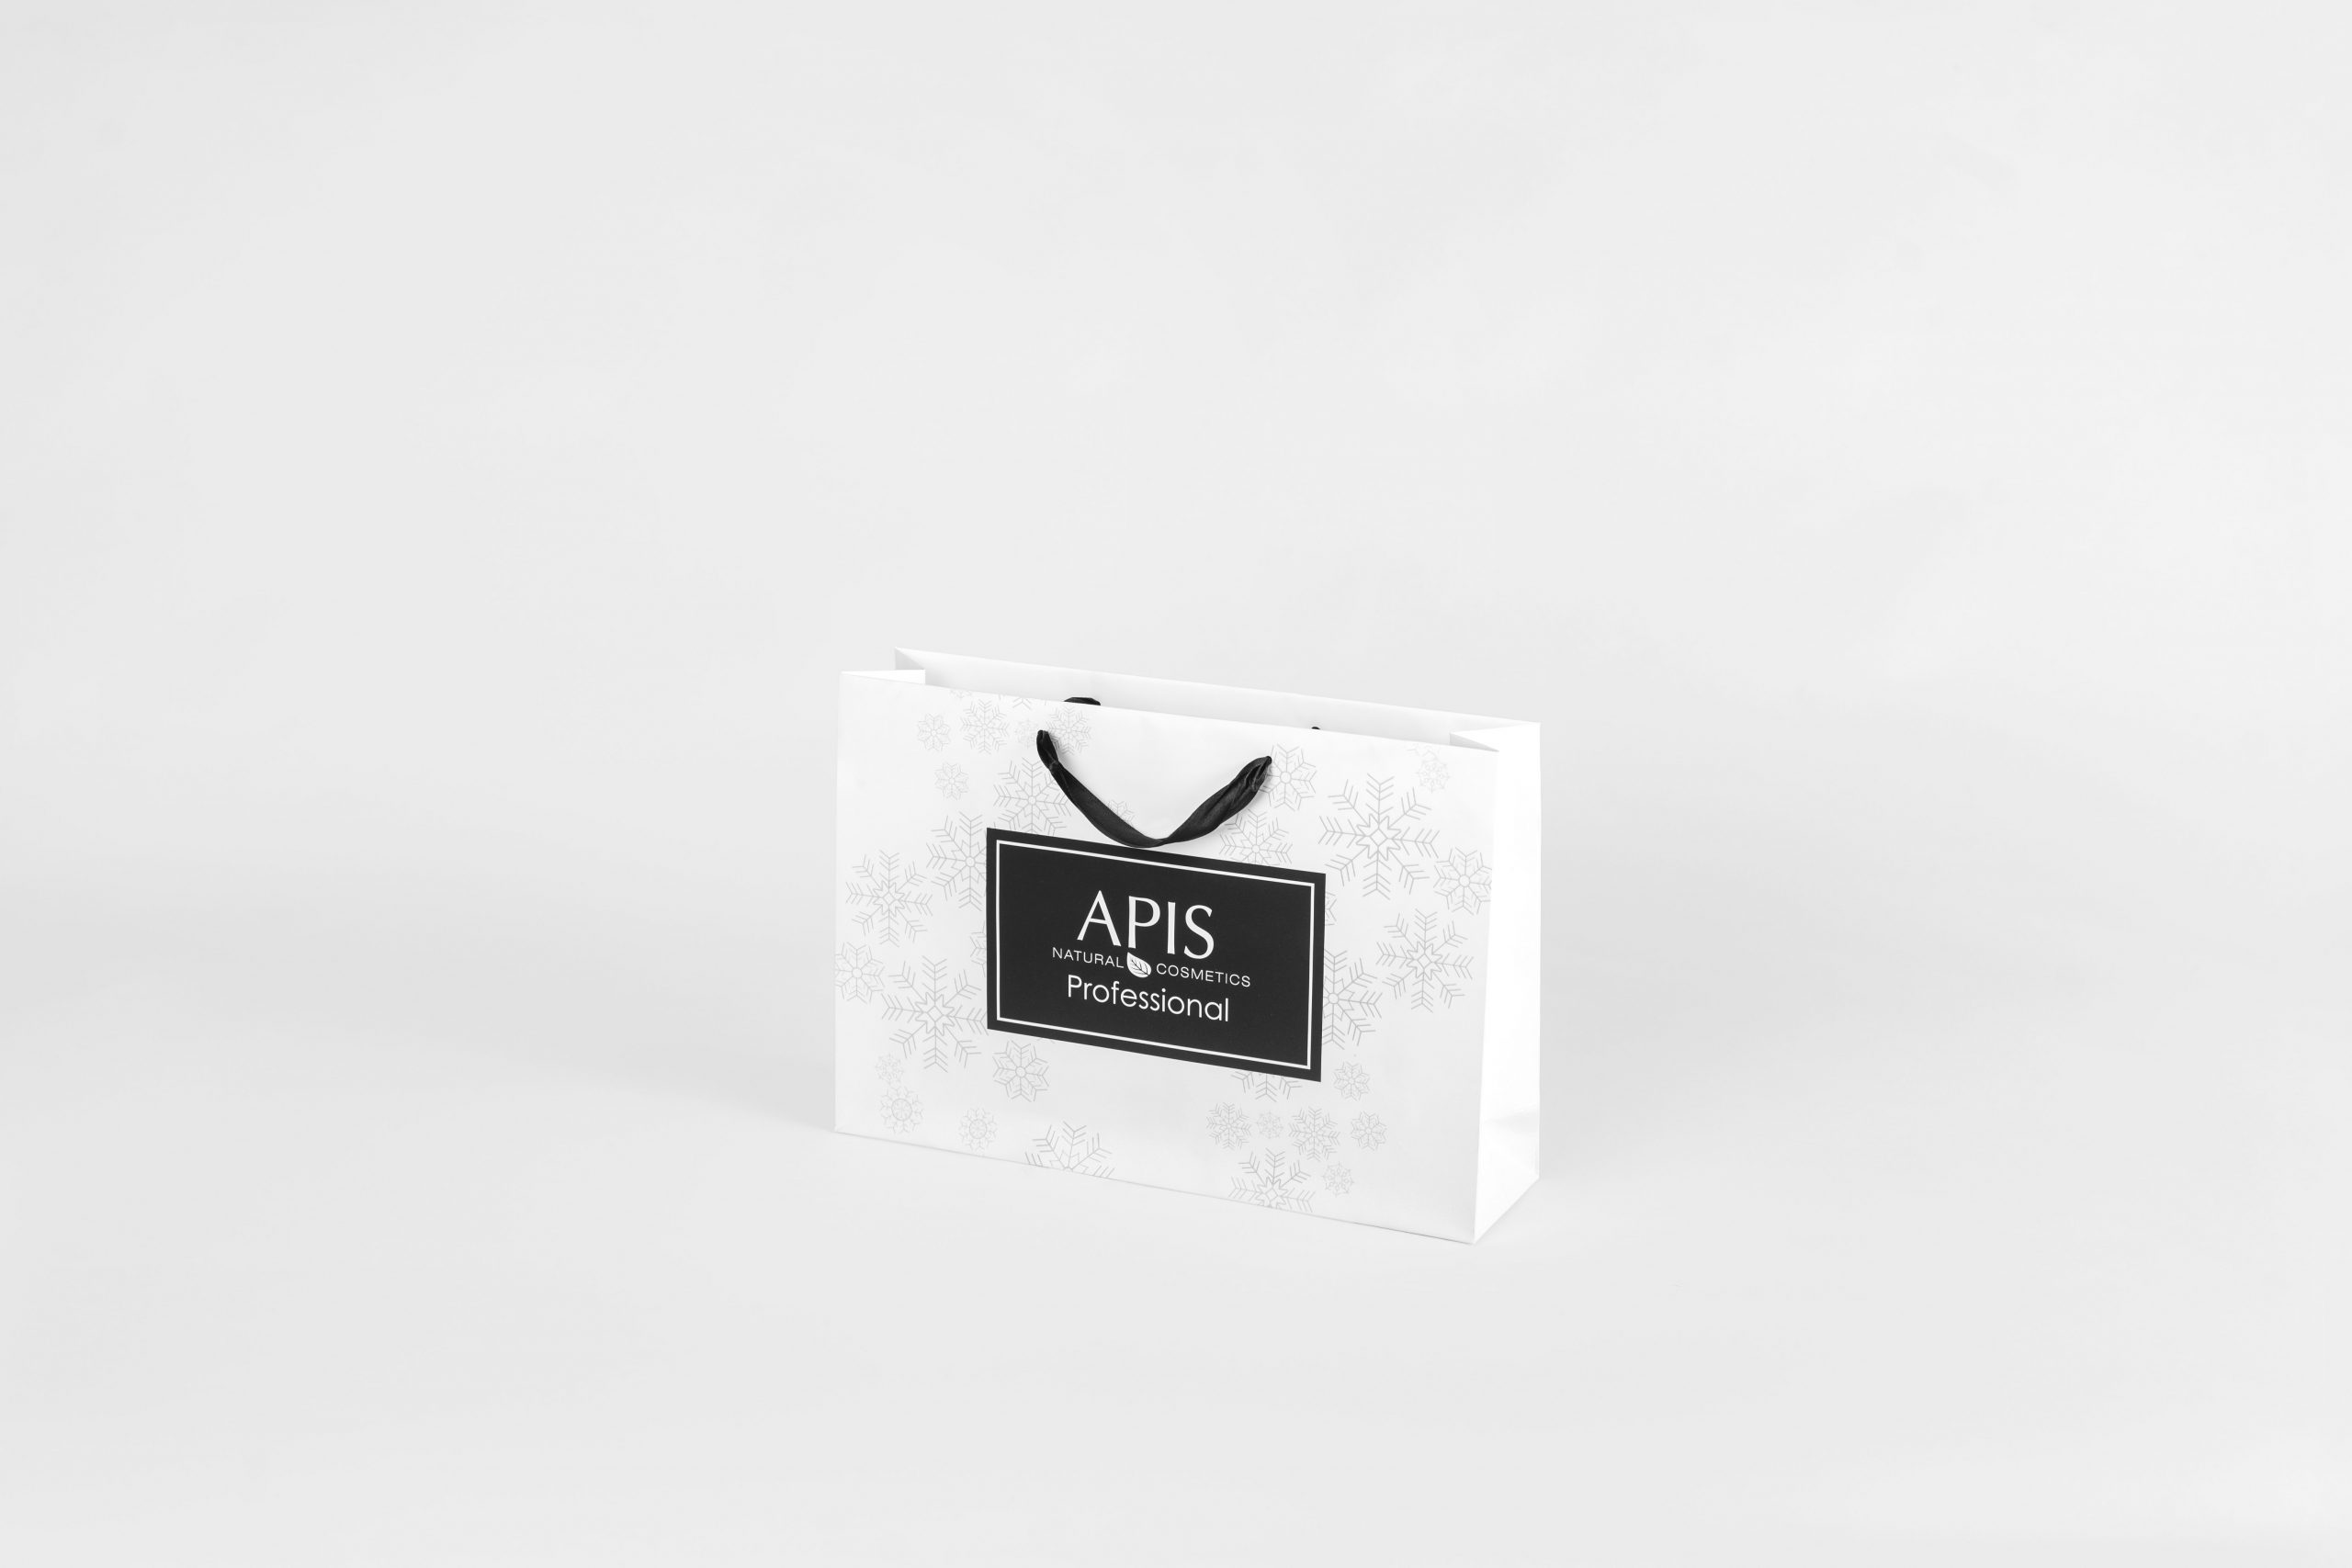 Niska biała torebka z czarnym logotypem i wstążką na kosmetyki